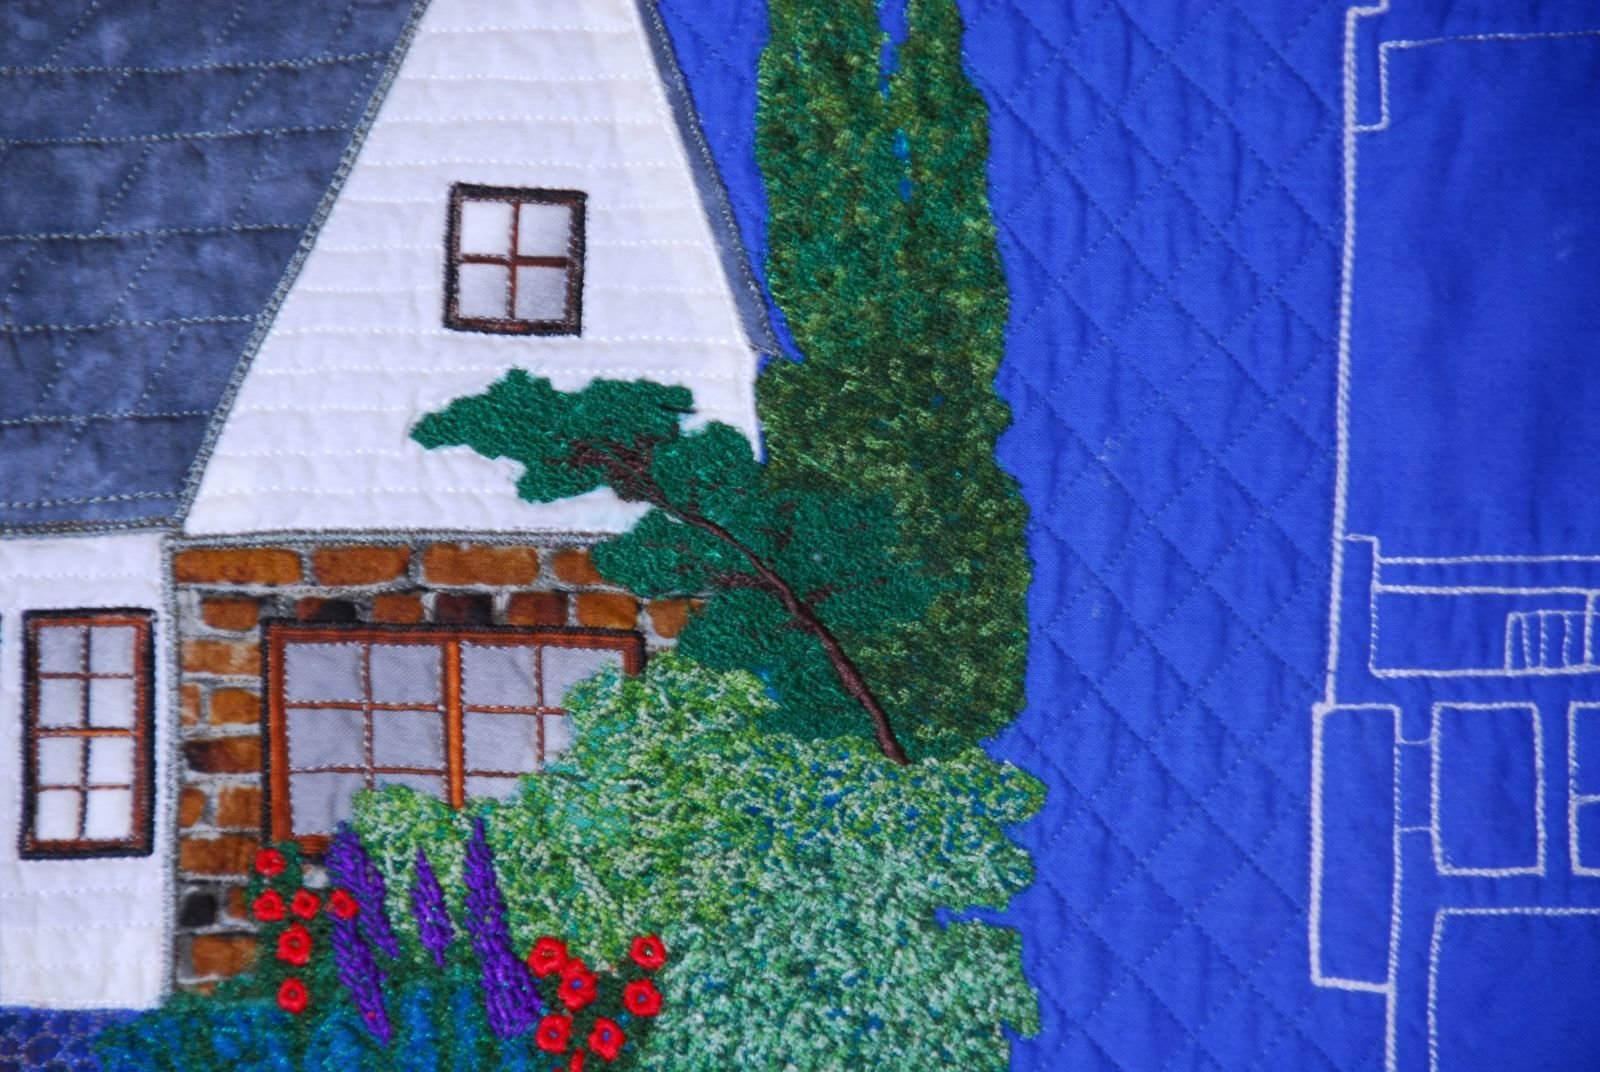 Dad's House Plan detail